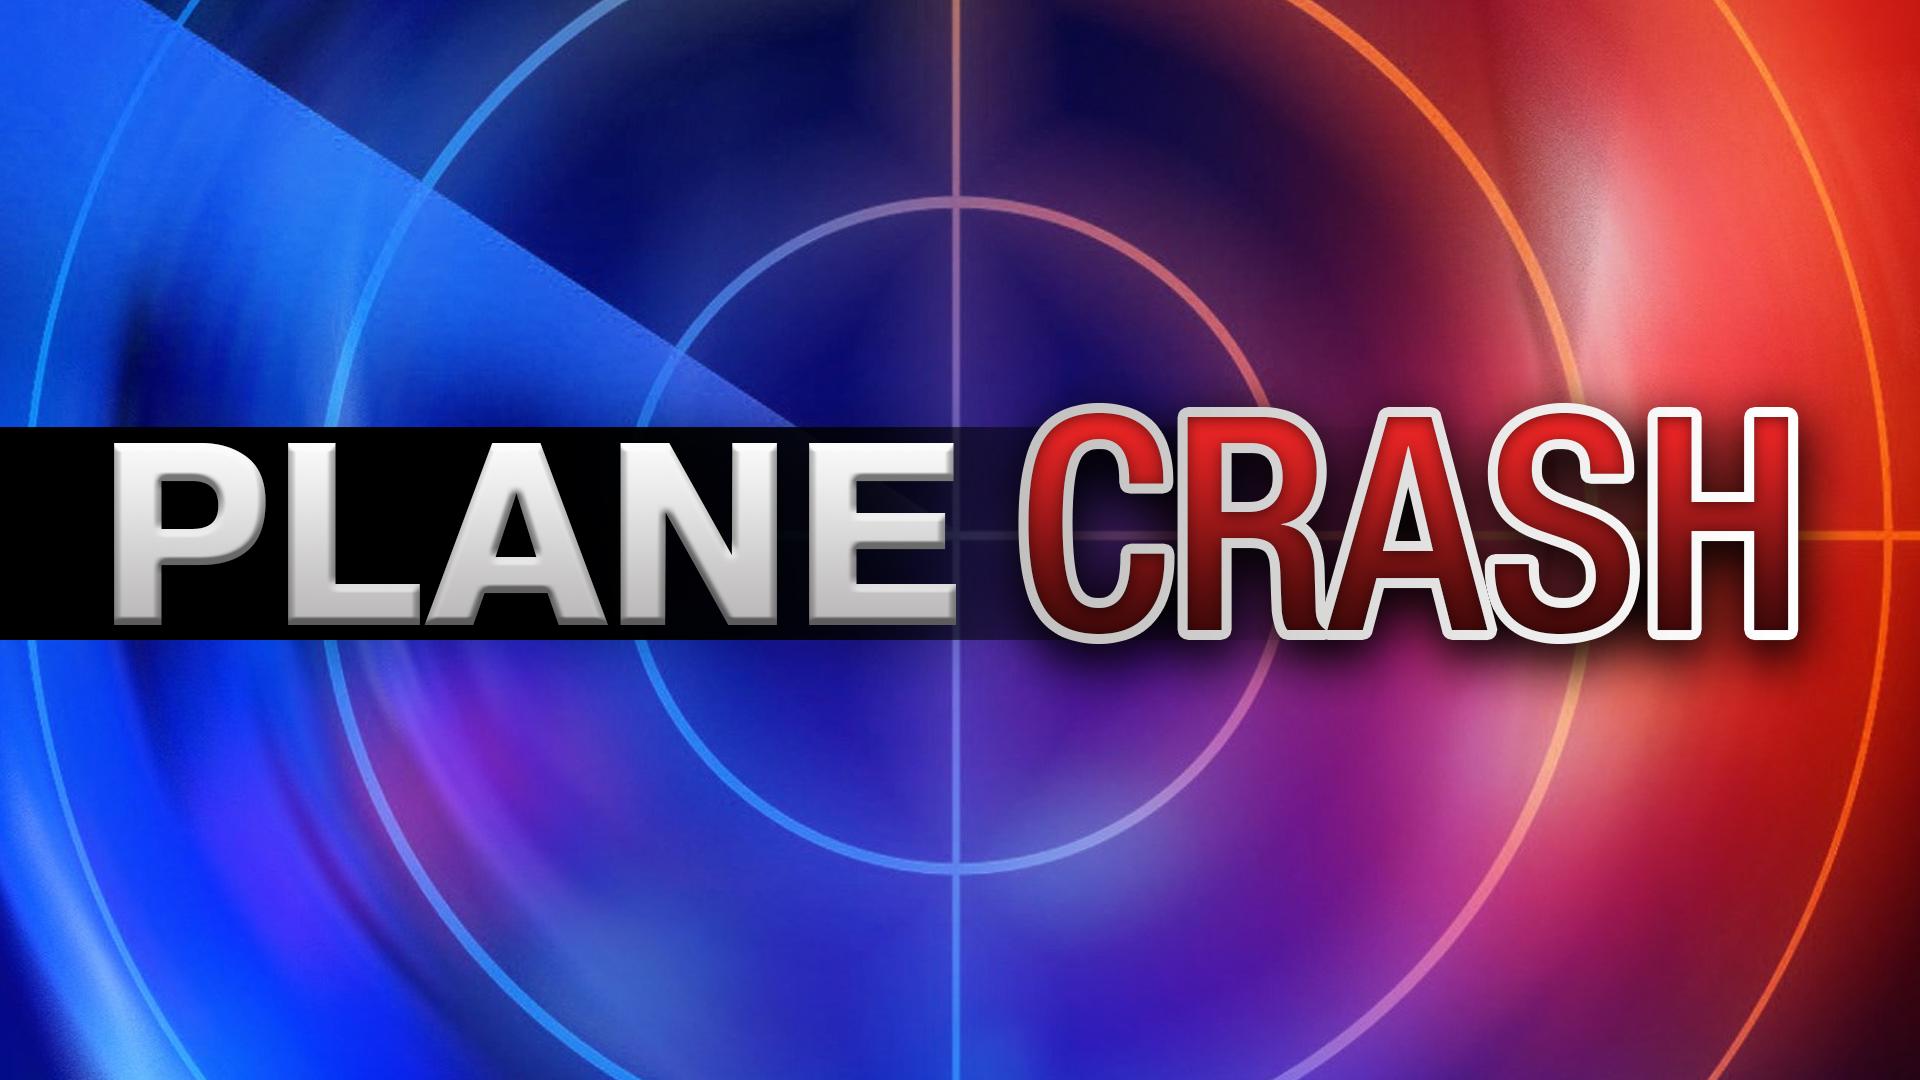 plane crash_1464576214188.jpg